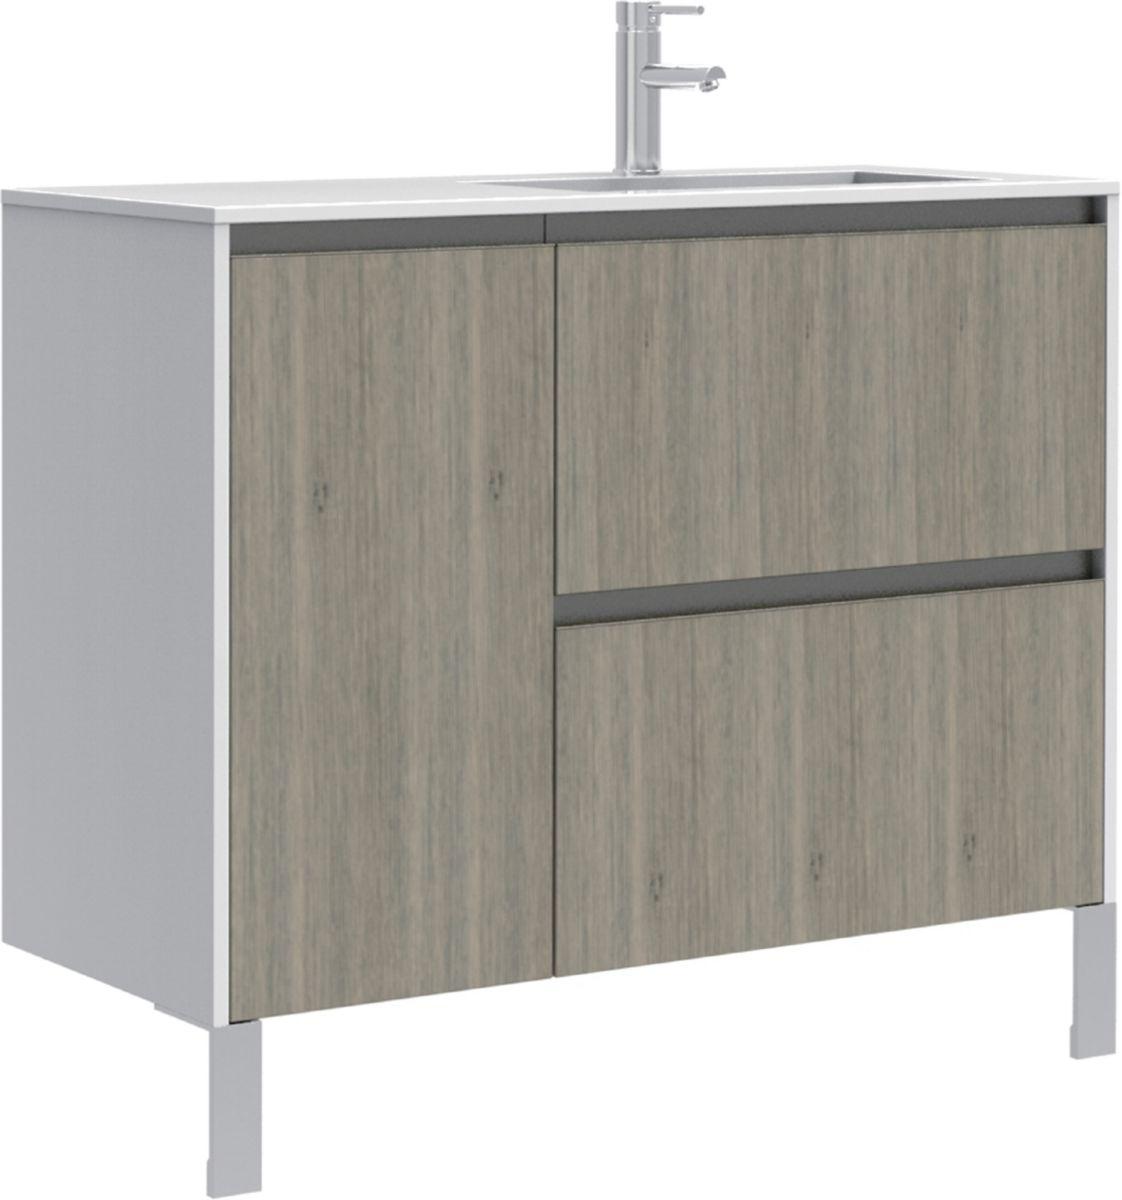 meuble sous vasque plenitude 105 cm 2 tiroirs 1 porte pour vasque droit profondeur 50 cm blanc. Black Bedroom Furniture Sets. Home Design Ideas